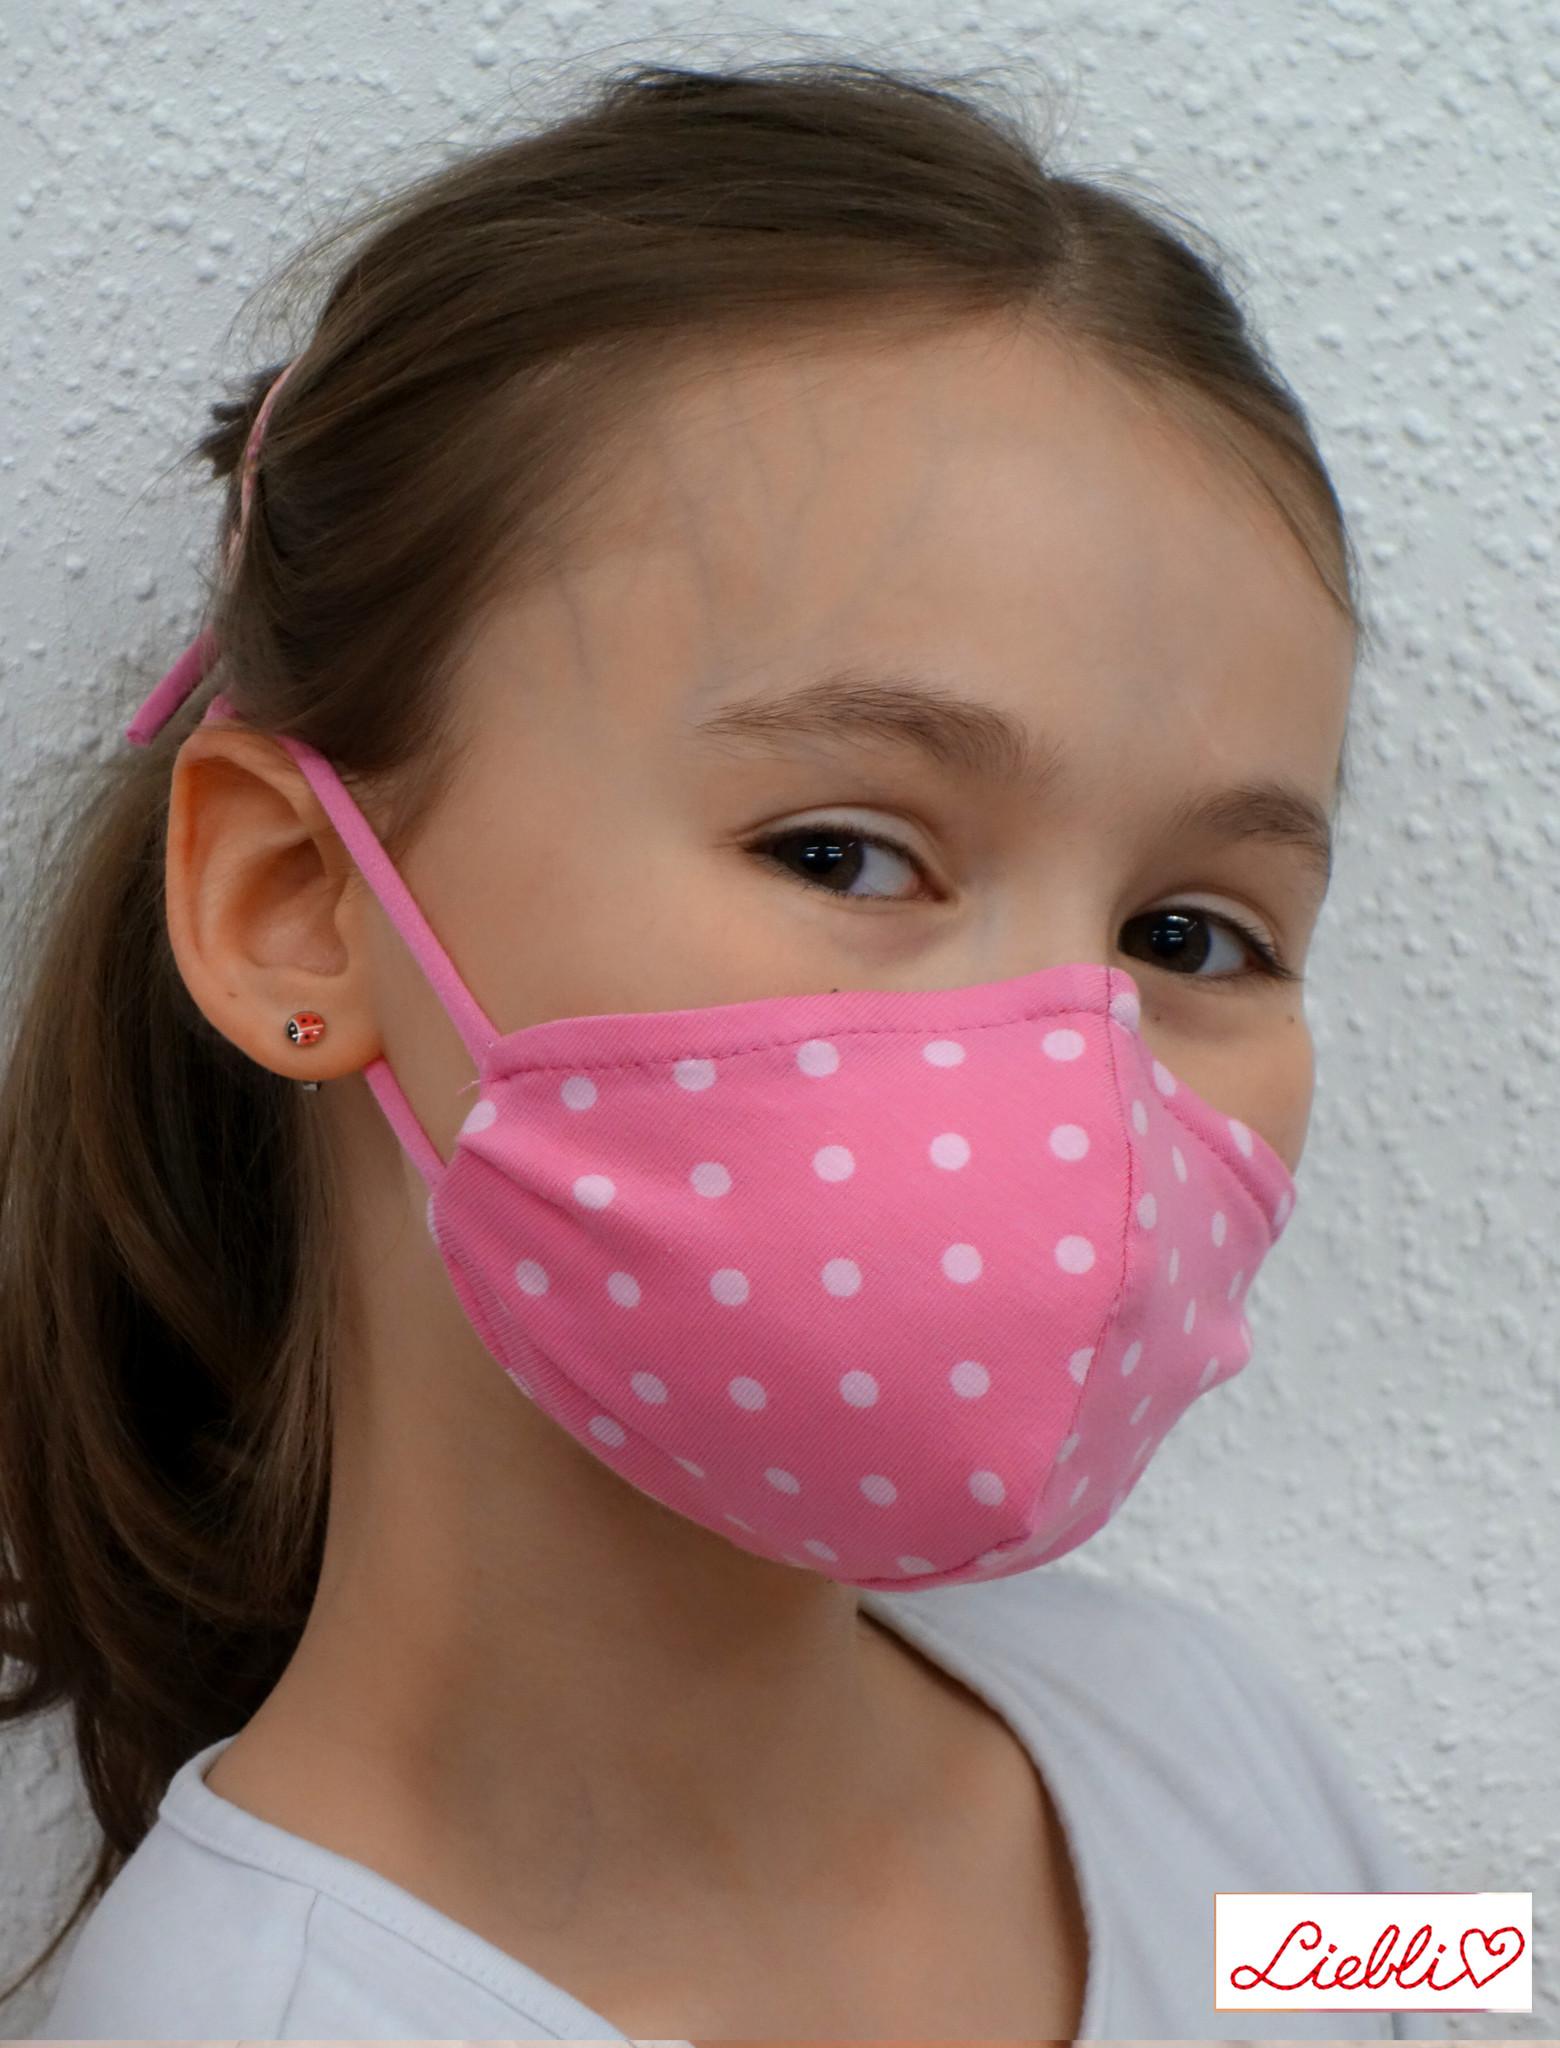 Kindermaske, Kinder Mundschutz, Mund-Nasen-Maske Punkte rosa